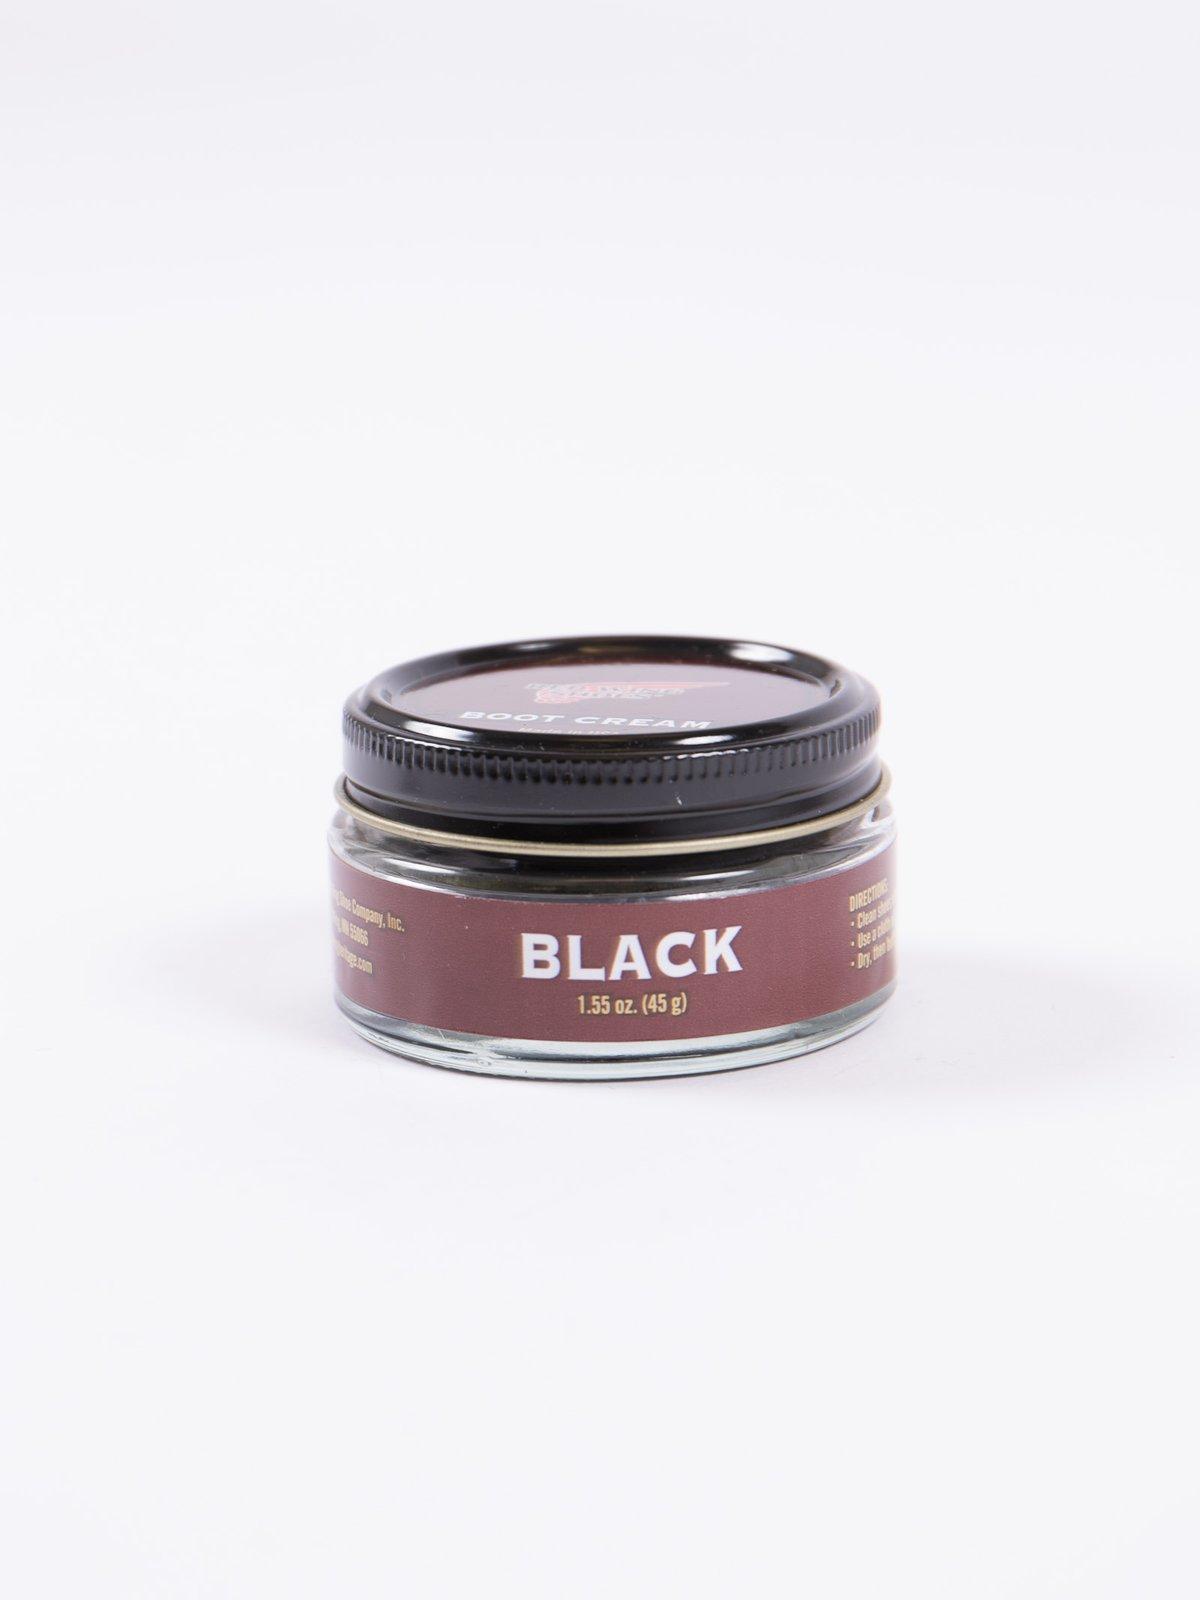 Black Boot Cream - Image 2